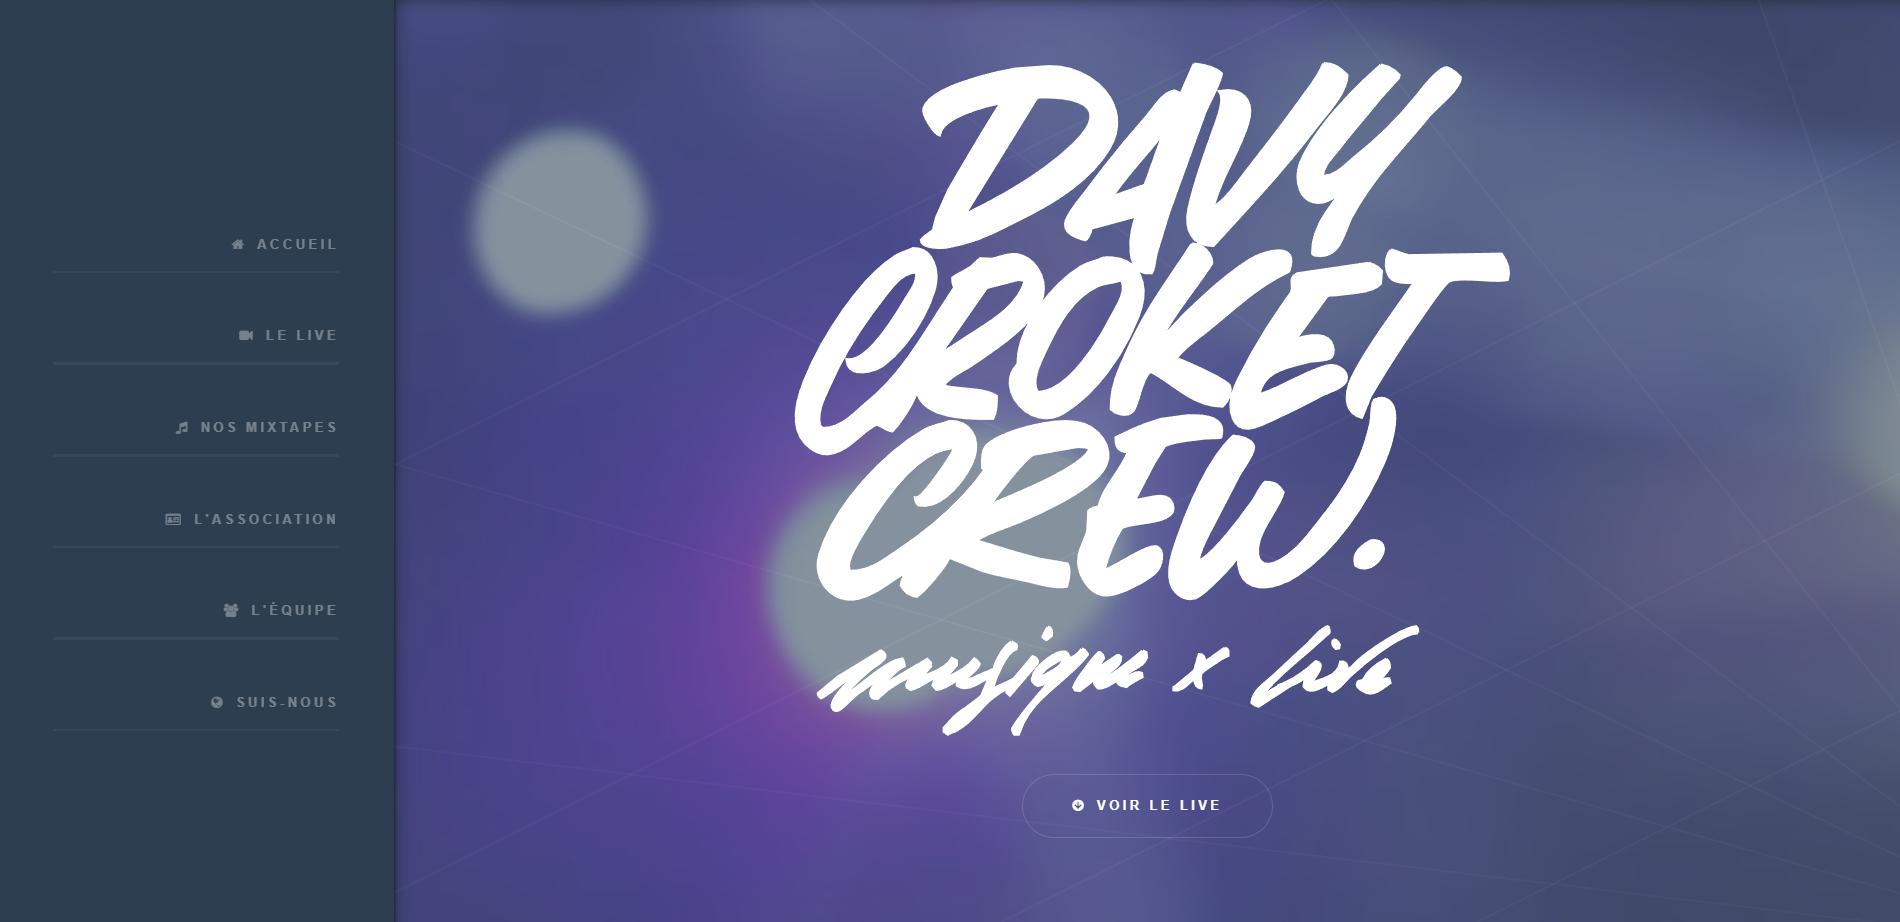 Davycroketcrew.com